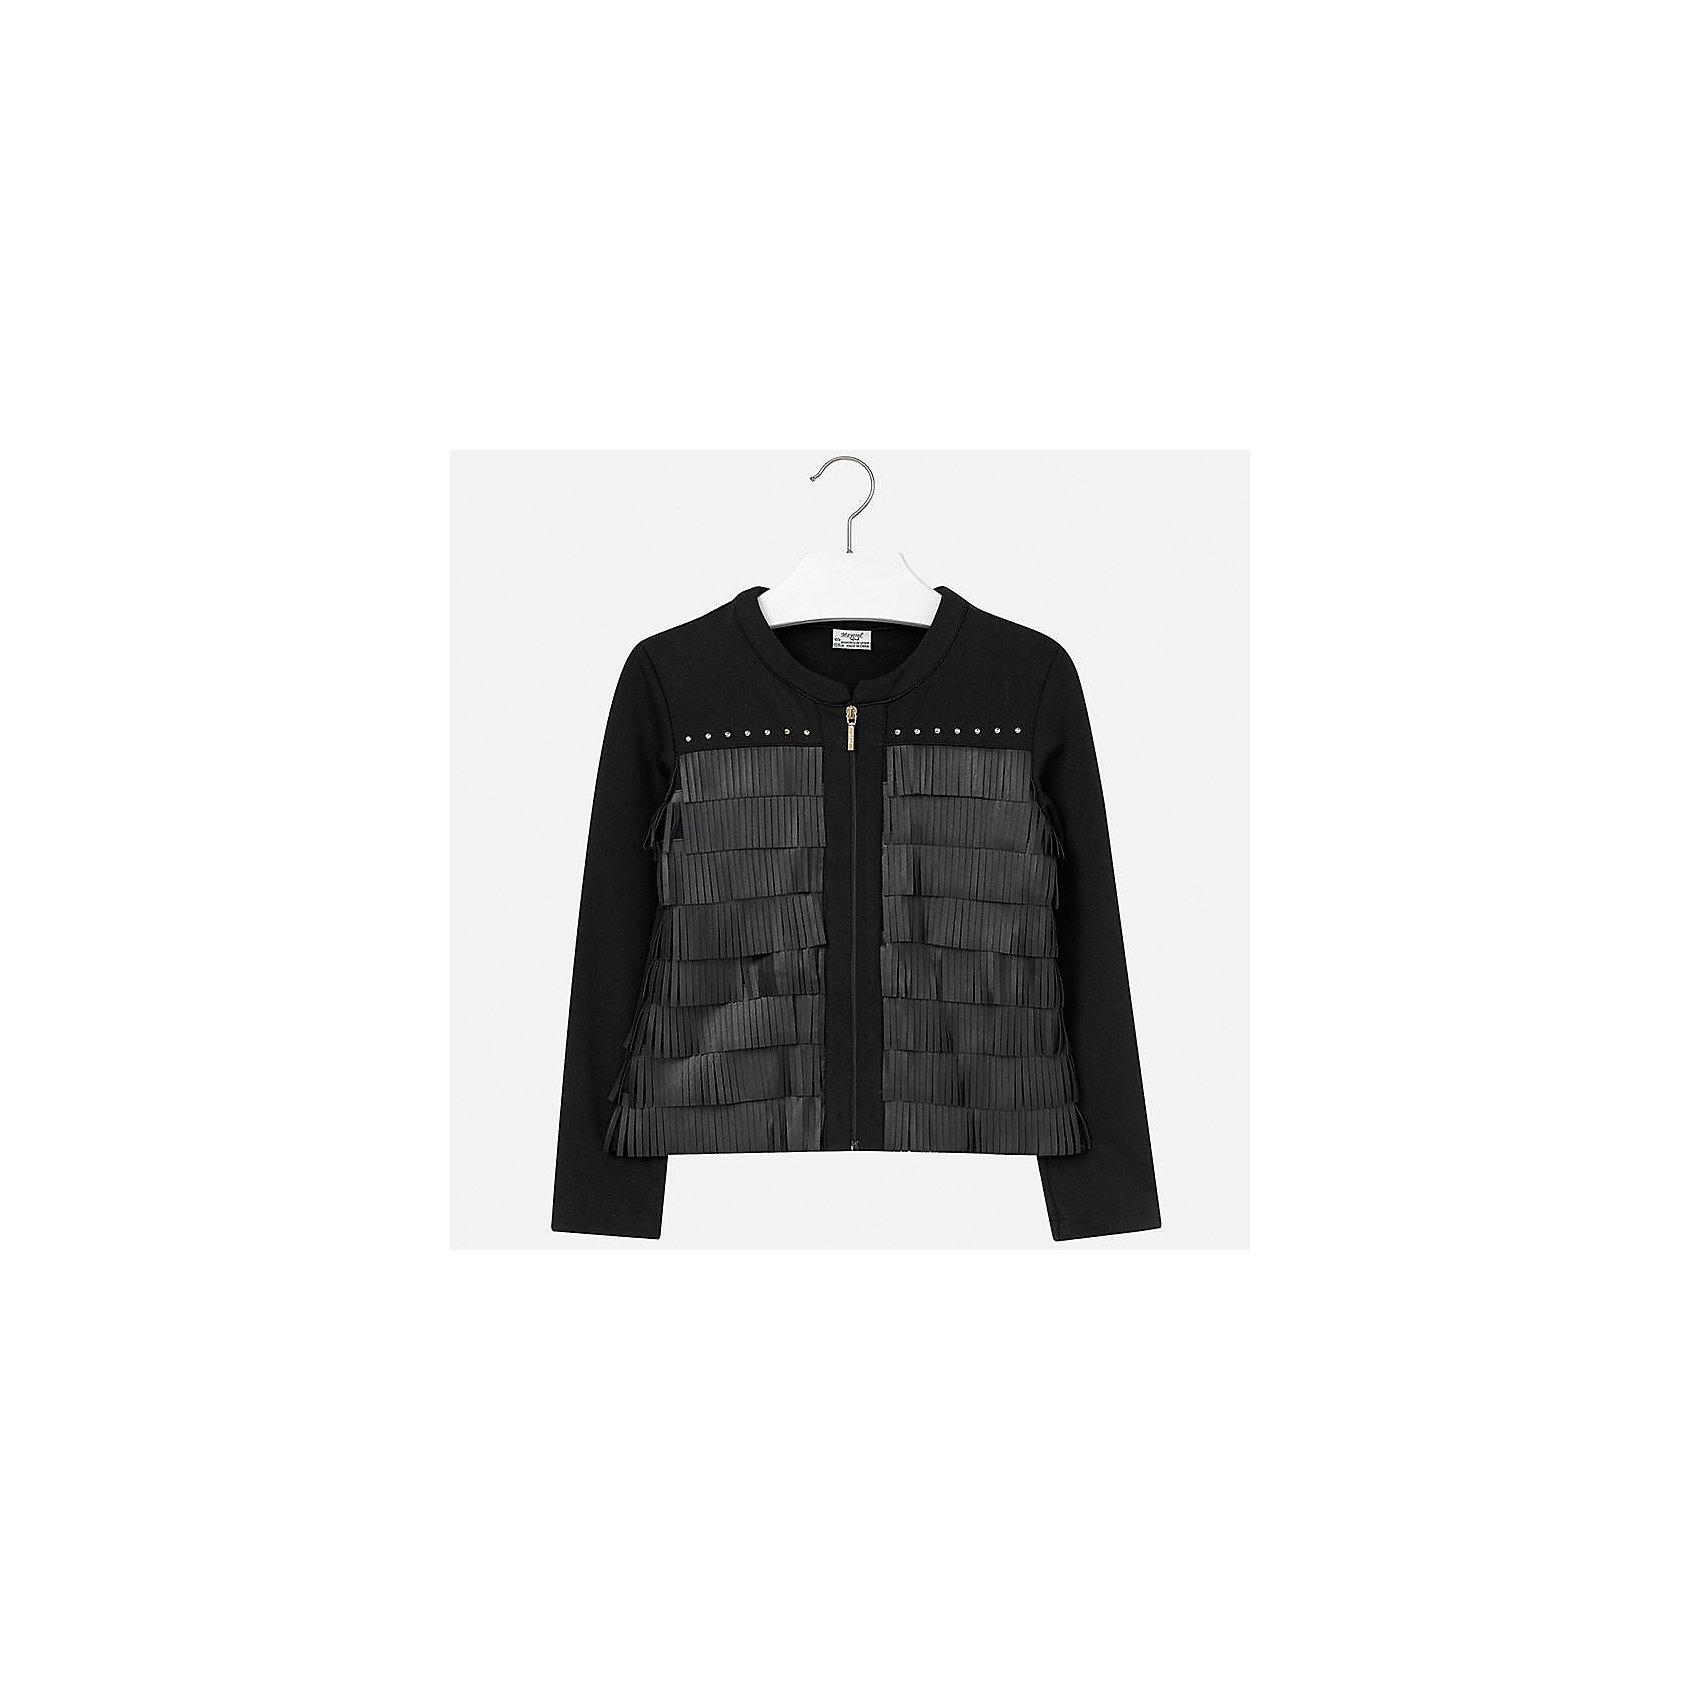 Куртка для девочки MayoralКуртка для девочки от популярного испанского бренда Mayoral(Майорал). Стильная курточка украшена стразами и бахромой, застегивается спереди на молнию. Изготовлена из прочных водоотталкивающих материалов. Отлично подойдет в прохладную погоду.<br>Дополнительная информация:<br>-украшена бахромой и стразами<br>-застегивается на молнию<br>-цвет: черный<br>-состав: 60% полиэстер, 35% полиуретан, 5% эластан<br>Куртку для девочки Mayoral(Майорал) можно купить в нашем интернет-магазине.<br><br>Ширина мм: 356<br>Глубина мм: 10<br>Высота мм: 245<br>Вес г: 519<br>Цвет: черный<br>Возраст от месяцев: 156<br>Возраст до месяцев: 168<br>Пол: Женский<br>Возраст: Детский<br>Размер: 164,170,140,152,128/134,158<br>SKU: 4847213